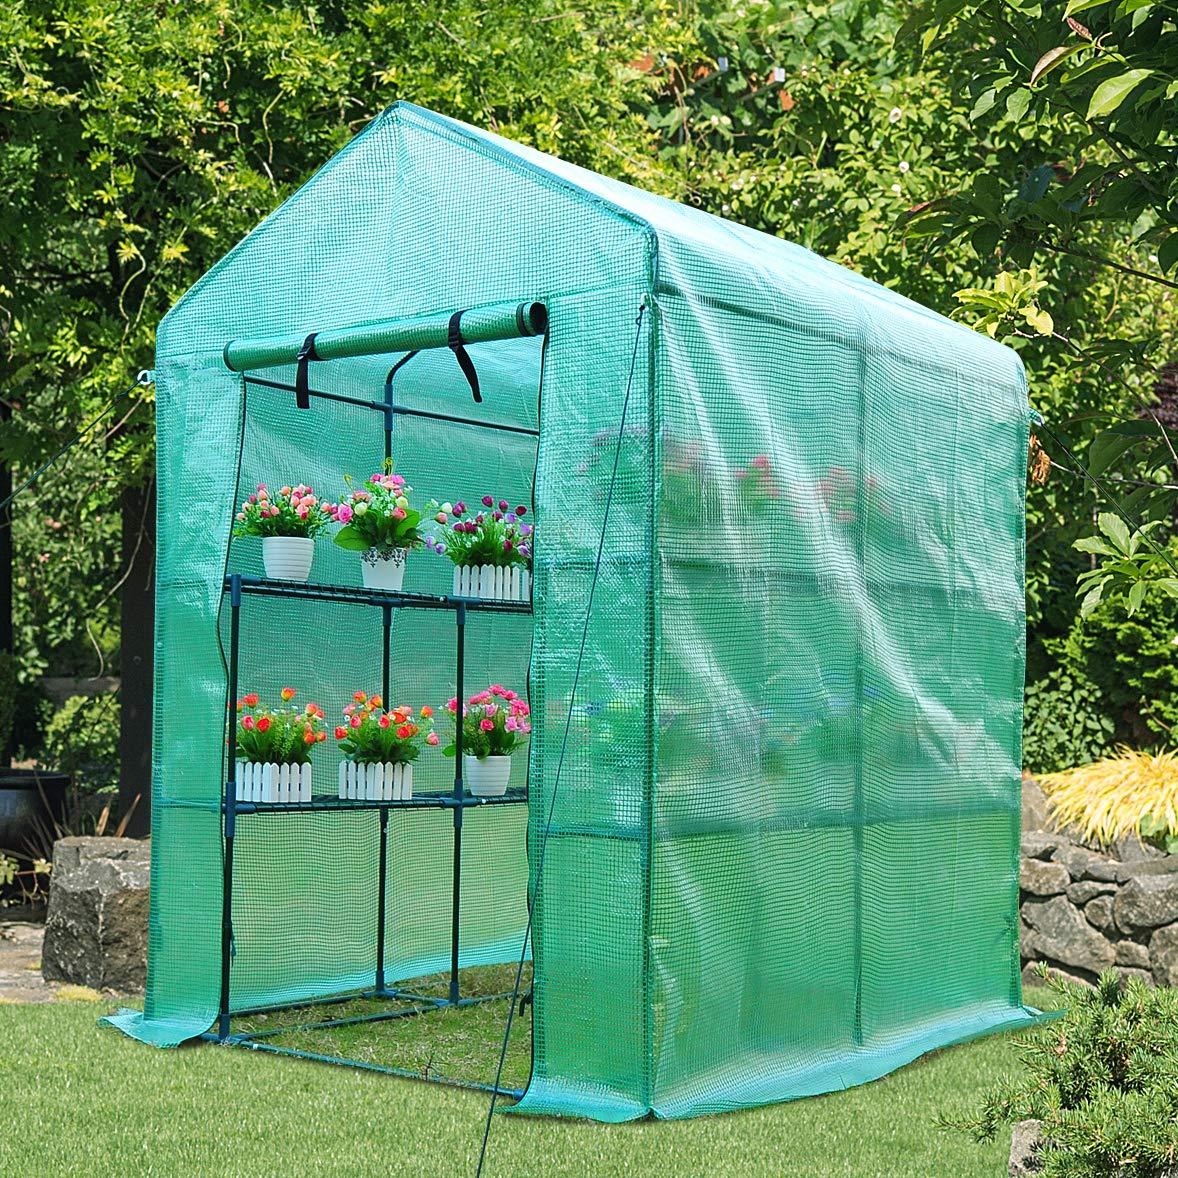 Outsunny Invernadero de Jardín Vivero Casero Plantas con 3 Pisos 143x143x195cm Marco Acero Jardinería Invernadero Verde: Amazon.es: Jardín